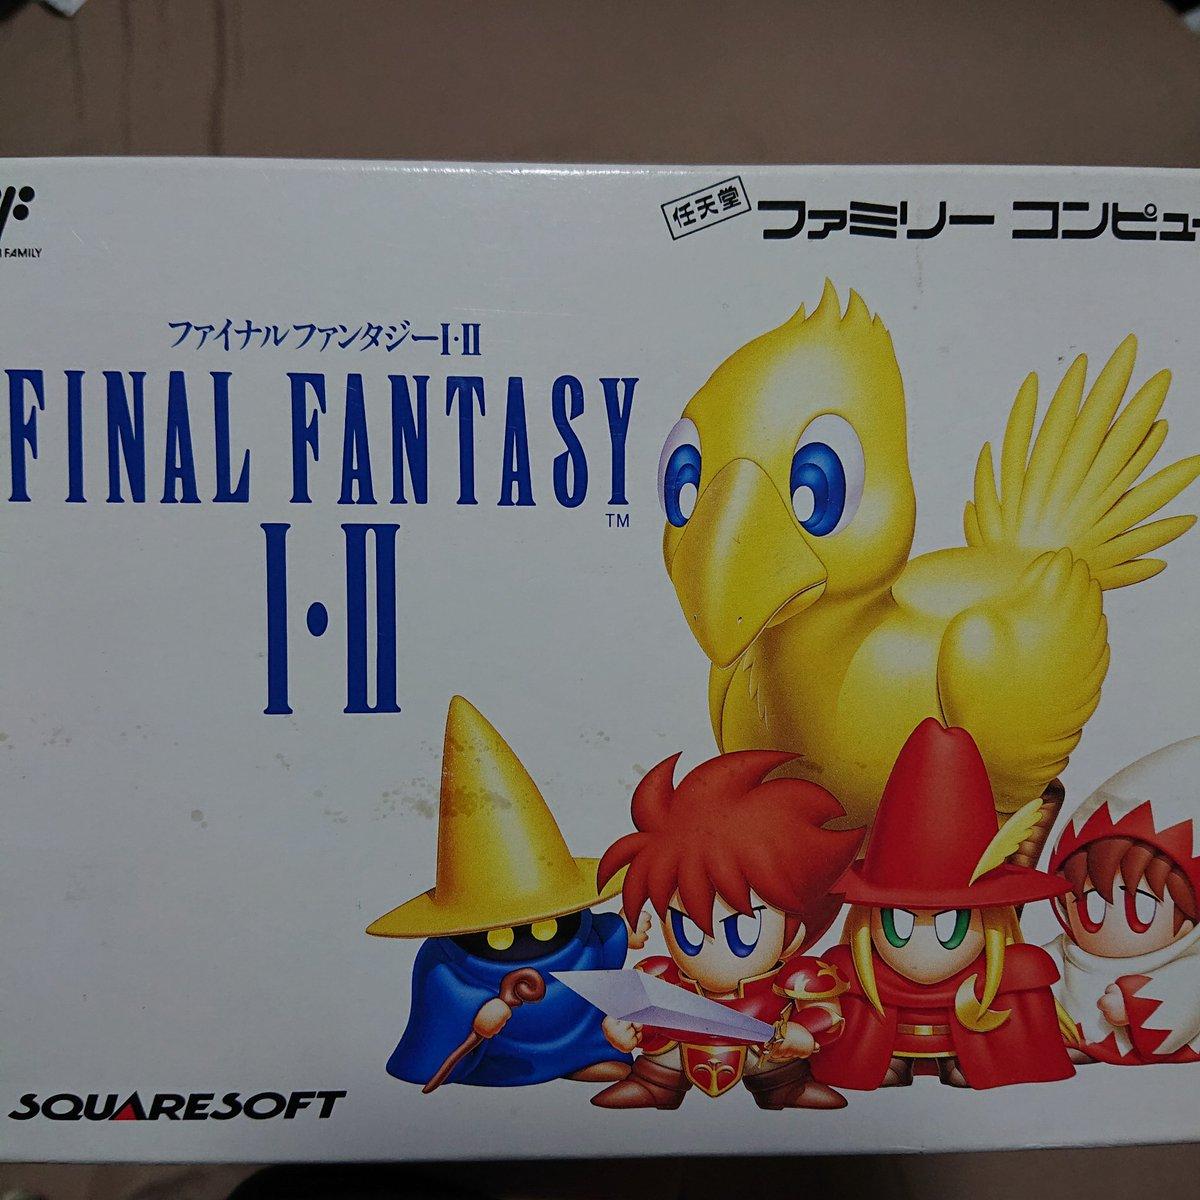 ファイナルファンタジーⅠ・Ⅱも買ってきたよー(^○^)箱付き!マップ付き!!攻略本付き!!!至れり尽くせりヾ(。・∀・)oダナ!!RPGのマップてワクワクするよねぇ(^p^)ヘヘッ